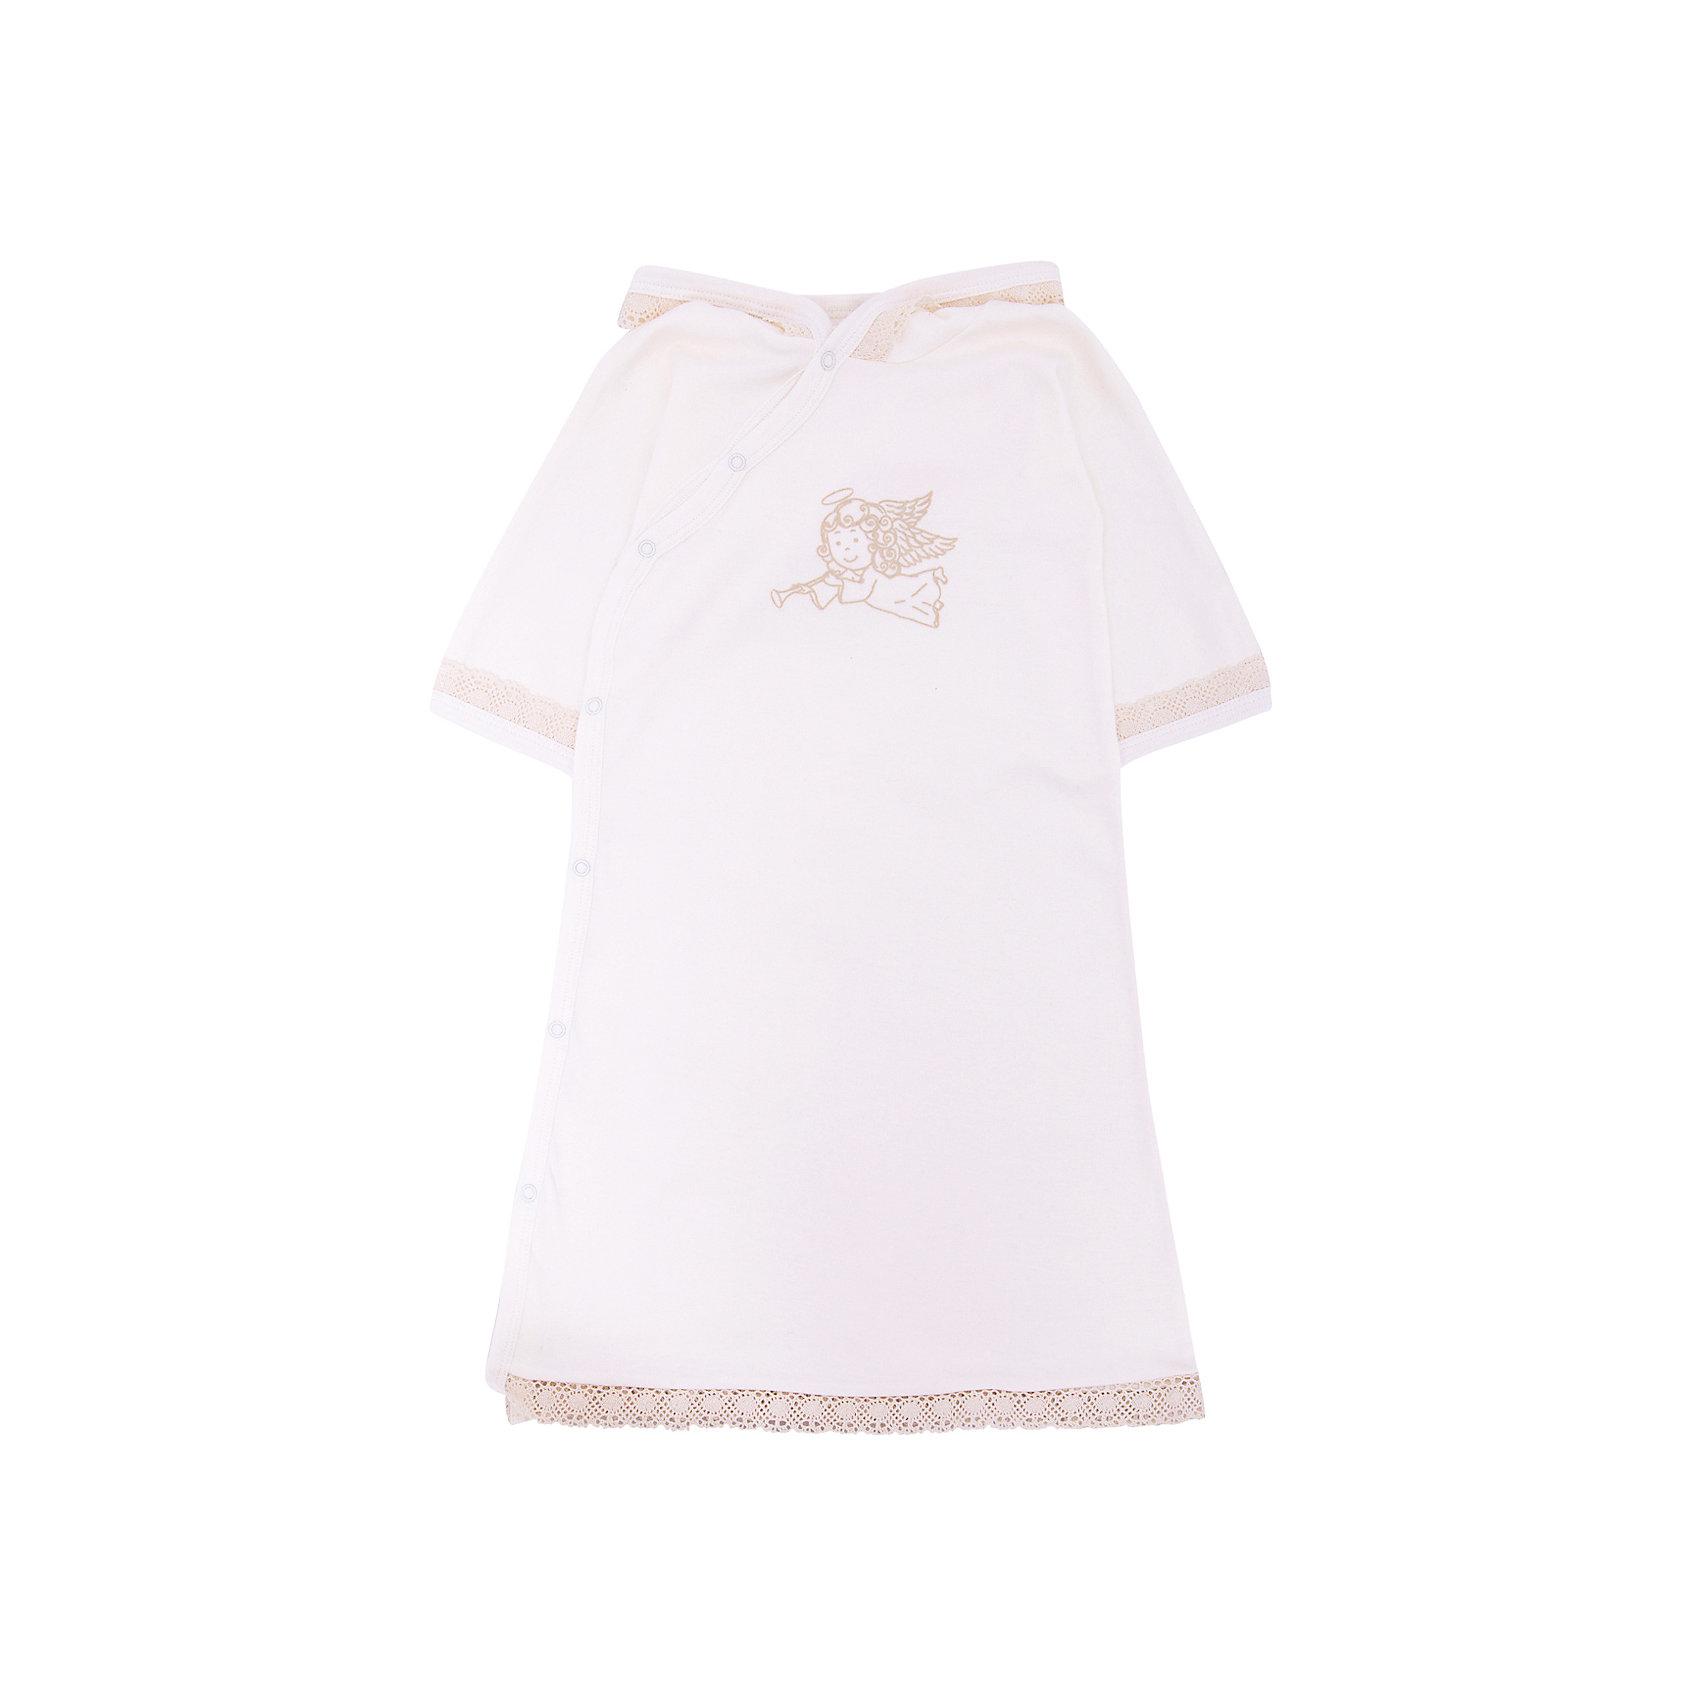 Крестильное платье с капюшоном, тесьма, р-р 86, NewBorn, белыйХарактеристики:<br><br>• Вид детской одежды: платье с капюшоном<br>• Предназначение: для крещения<br>• Коллекция: NewBorn<br>• Сезон: круглый год<br>• Пол: для девочки<br>• Тематика рисунка: ангелы<br>• Размер: 86<br>• Цвет: белый, золотистый<br>• Материал: трикотаж, хлопок<br>• Длина рукава: короткие<br>• Запах: спереди<br>• Застежка: спереди на кнопке<br>• Наличие капюшона<br>• Декорировано широкой тесьмой из шитья <br>• Передняя полочка украшена термонаклейкой в виде ангела<br>• Особенности ухода: допускается деликатная стирка без использования красящих и отбеливающих средств<br><br>Крестильное платье с капюшоном, тесьма, р-р 86, NewBorn, белый из коллекции NewBorn от отечественного швейного производства ТексПром предназначено для создания праздничного образа девочки во время торжественного обряда крещения. Платье представлено в коллекции NewBorn, которая сочетает в себе классические и современные тенденции в мире моды для новорожденных, при этом при технологии изготовления детской одежды сохраняются самые лучшие традиции: свободный крой, внешние швы и натуральные ткани. Платье с короткими рукавами и капюшоном выполнено из трикотажа, все края обработаны трикотажной бейкой золотистого цвета. Изделие имеет передний запах с застежками на кнопках, что обеспечивает его легкое одевание. Праздничный образ создается за счет отделки рукавов, капюшона и низа платья широким кружевом золотистого цвета и термонаклейки на передней полочке в виде ангела. <br><br>Крестильное платье с капюшоном, тесьма, р-р 86, NewBorn, белый можно купить в нашем интернет-магазине.<br><br>Ширина мм: 220<br>Глубина мм: 5<br>Высота мм: 400<br>Вес г: 200<br>Возраст от месяцев: 12<br>Возраст до месяцев: 18<br>Пол: Женский<br>Возраст: Детский<br>SKU: 4912519